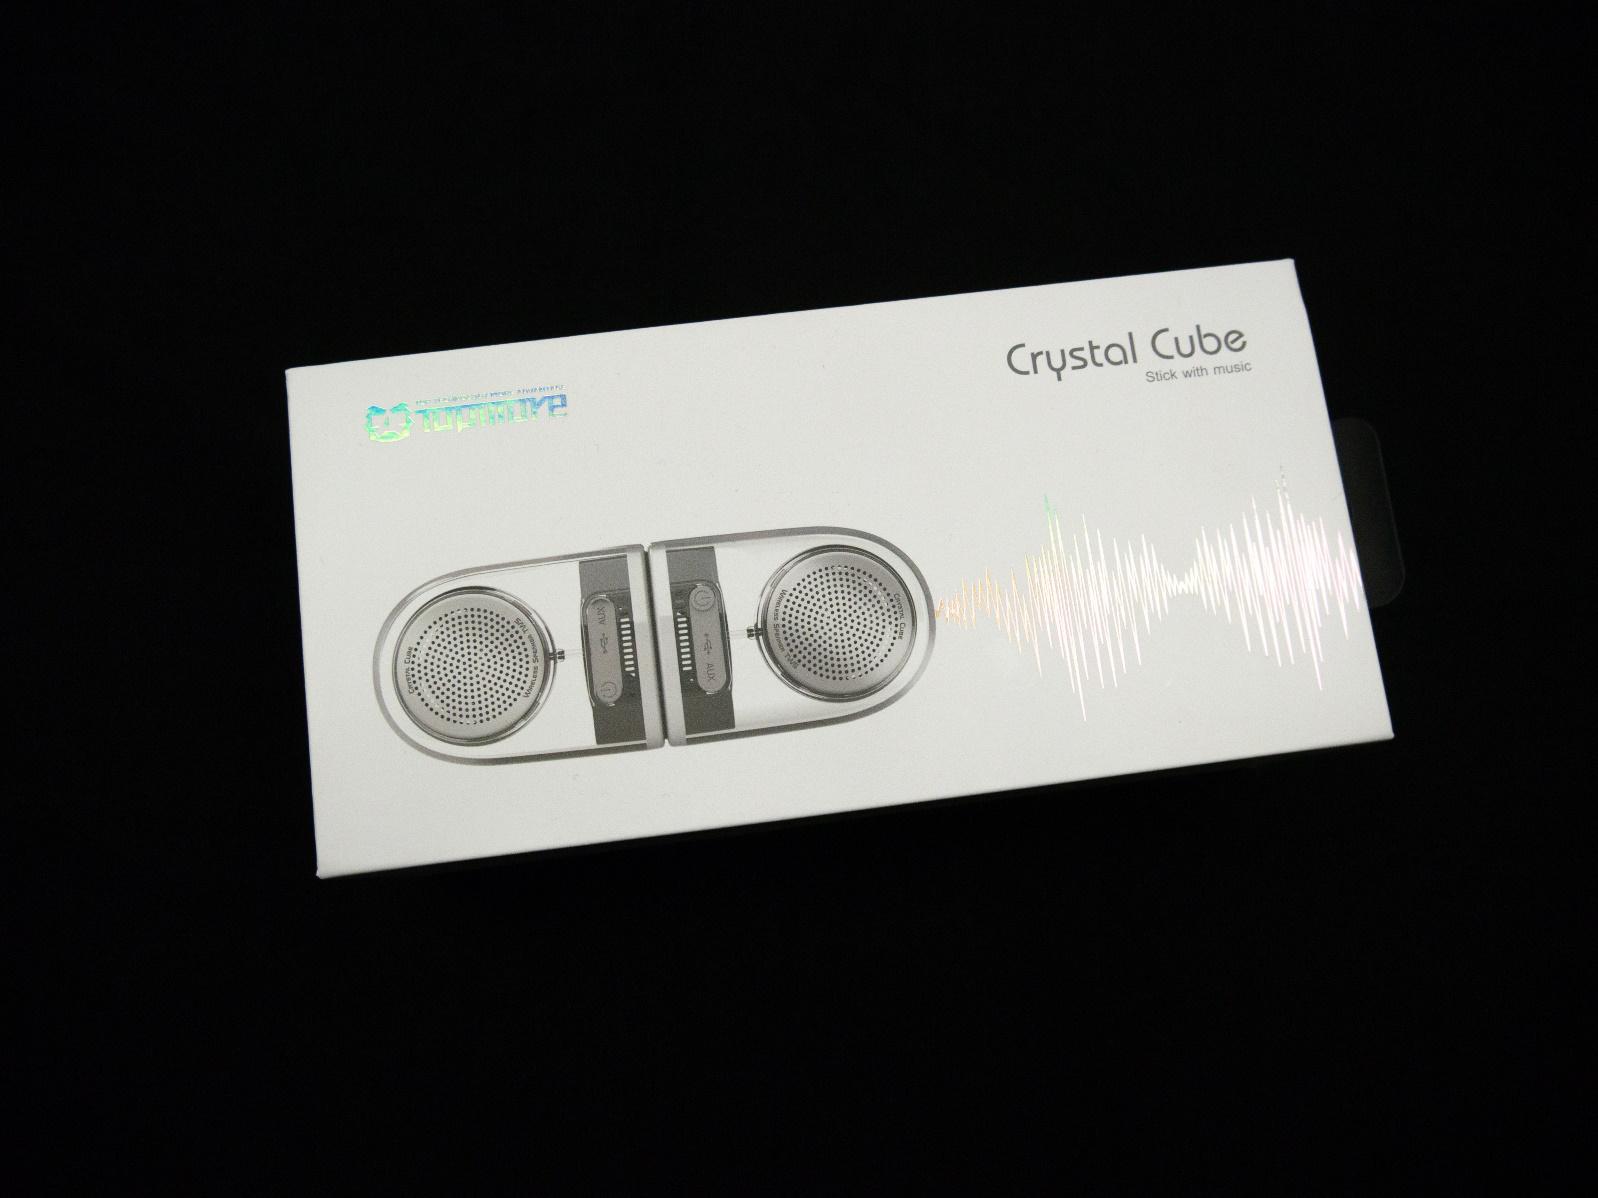 轻巧高音质,Crystal Cube随行磁吸蓝牙喇叭发布